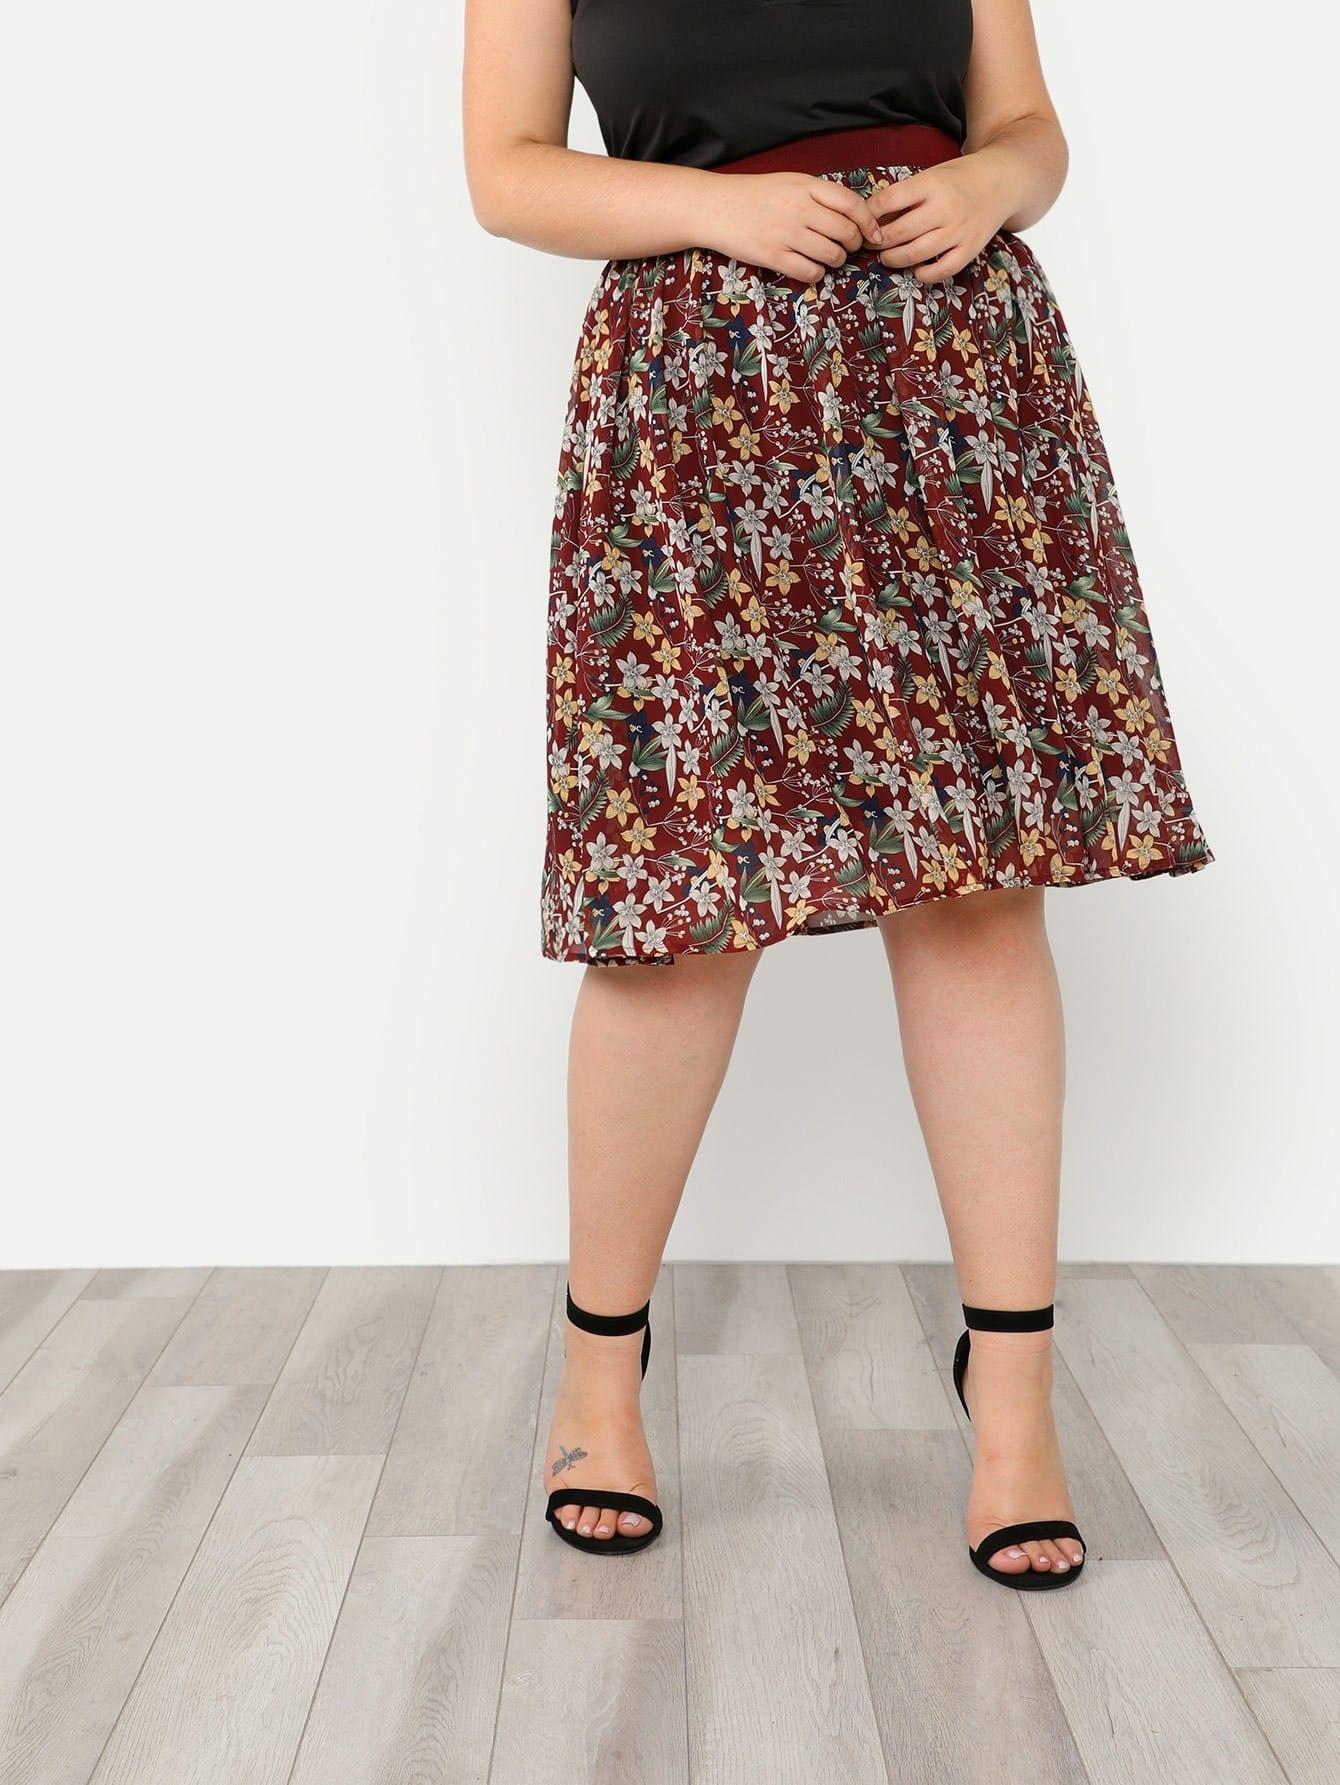 Elastic Waist Floral Skirt bohemian high waist floral print skirt for women